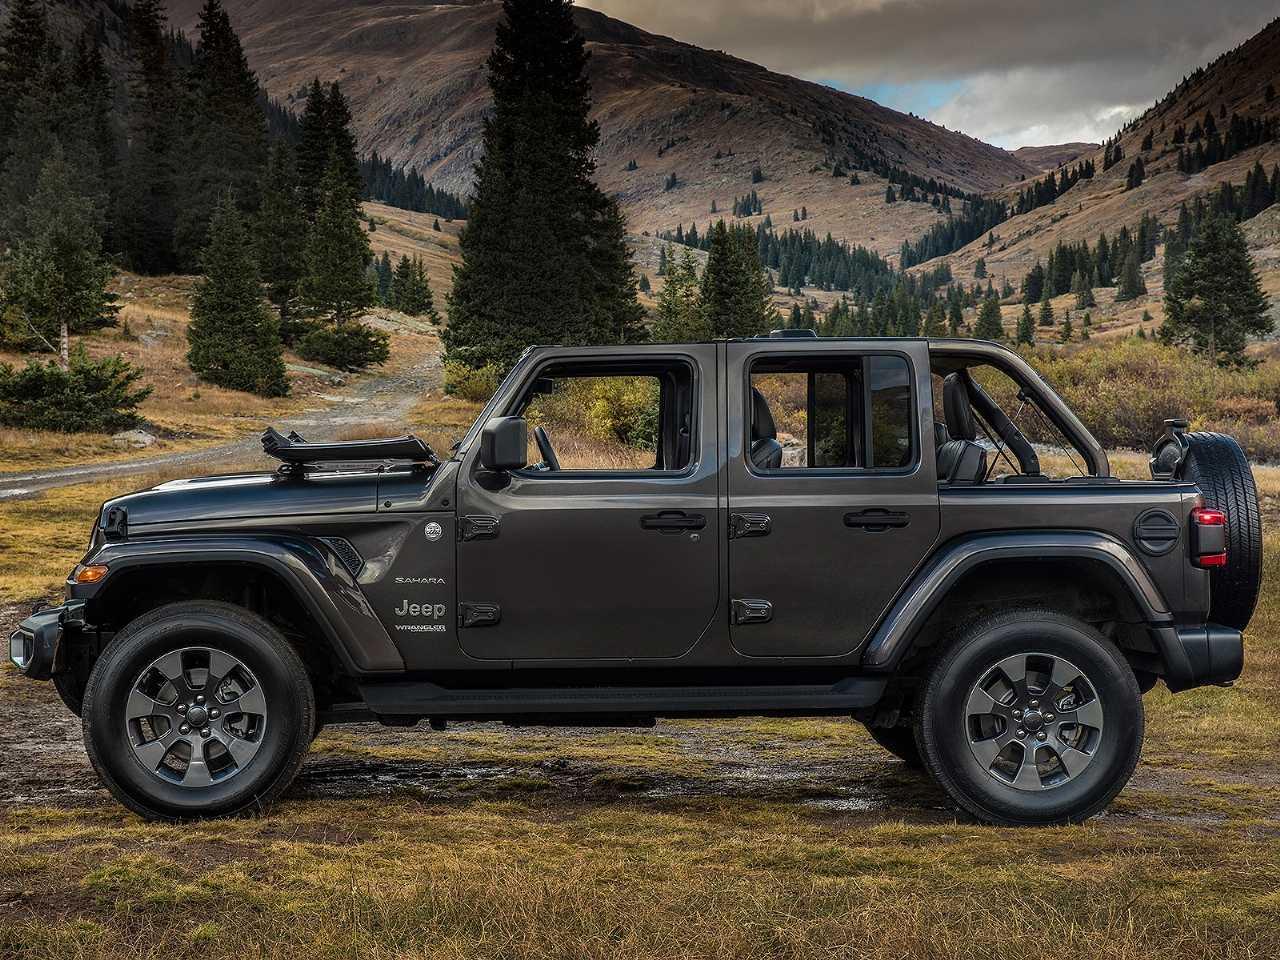 JeepWrangler 2019 - lateral